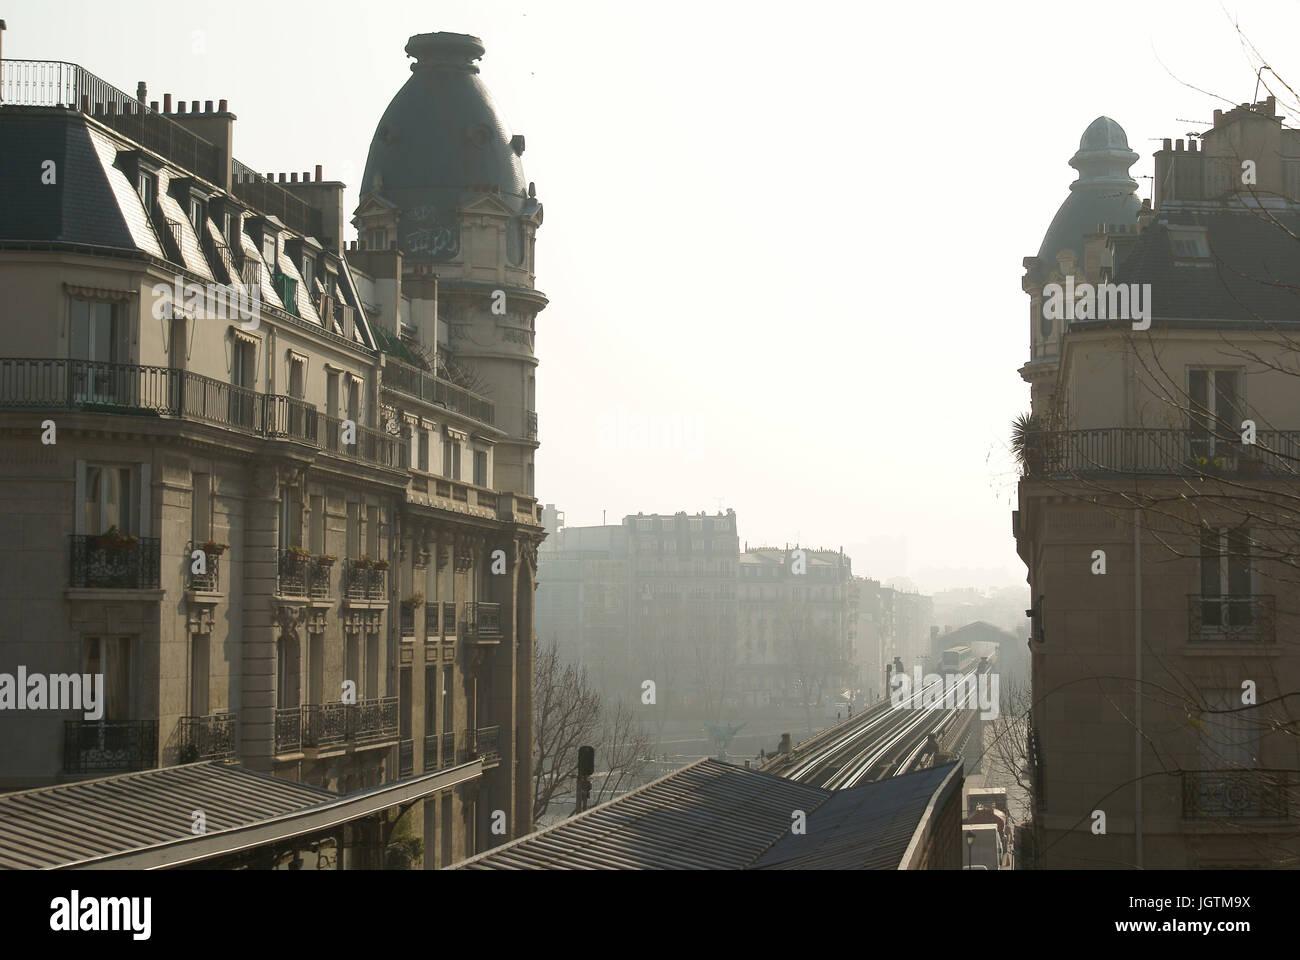 Métro aérien, Passy, 16° arrondissement, Ile-de-France, Paris, France - Stock Image